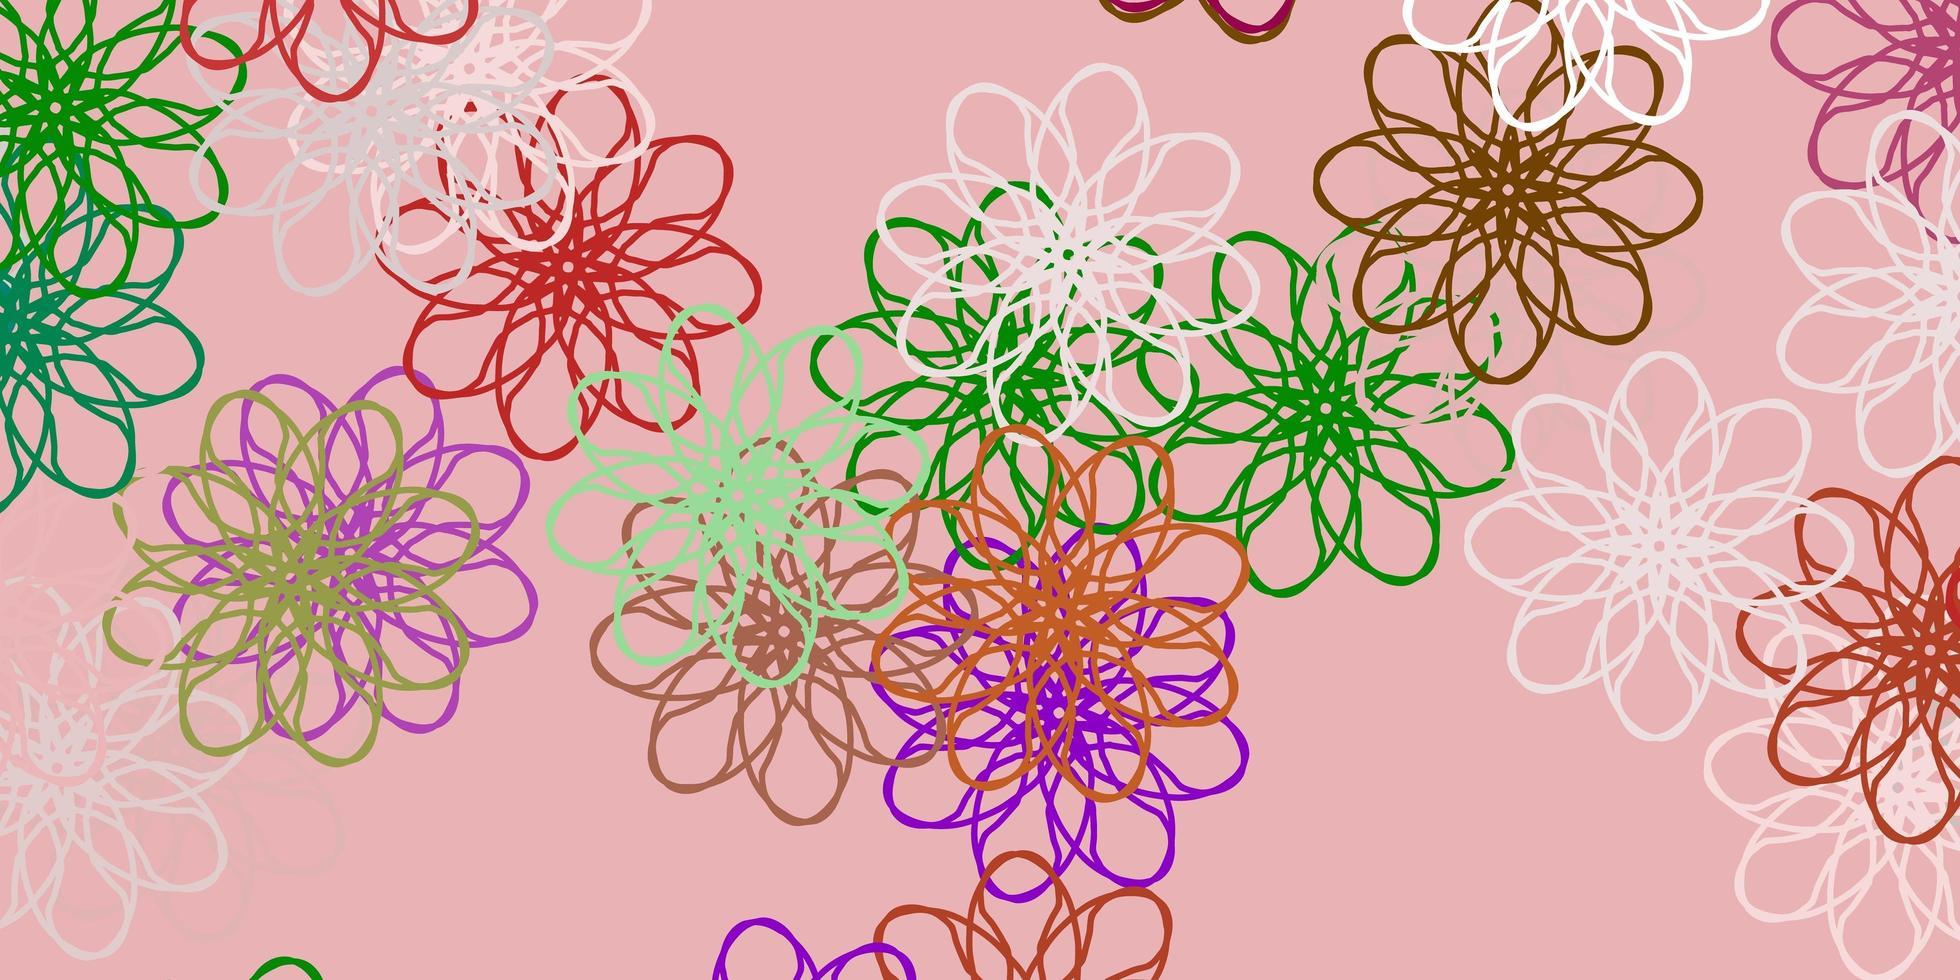 licht veelkleurig vector natuurlijk kunstwerk met bloemen.